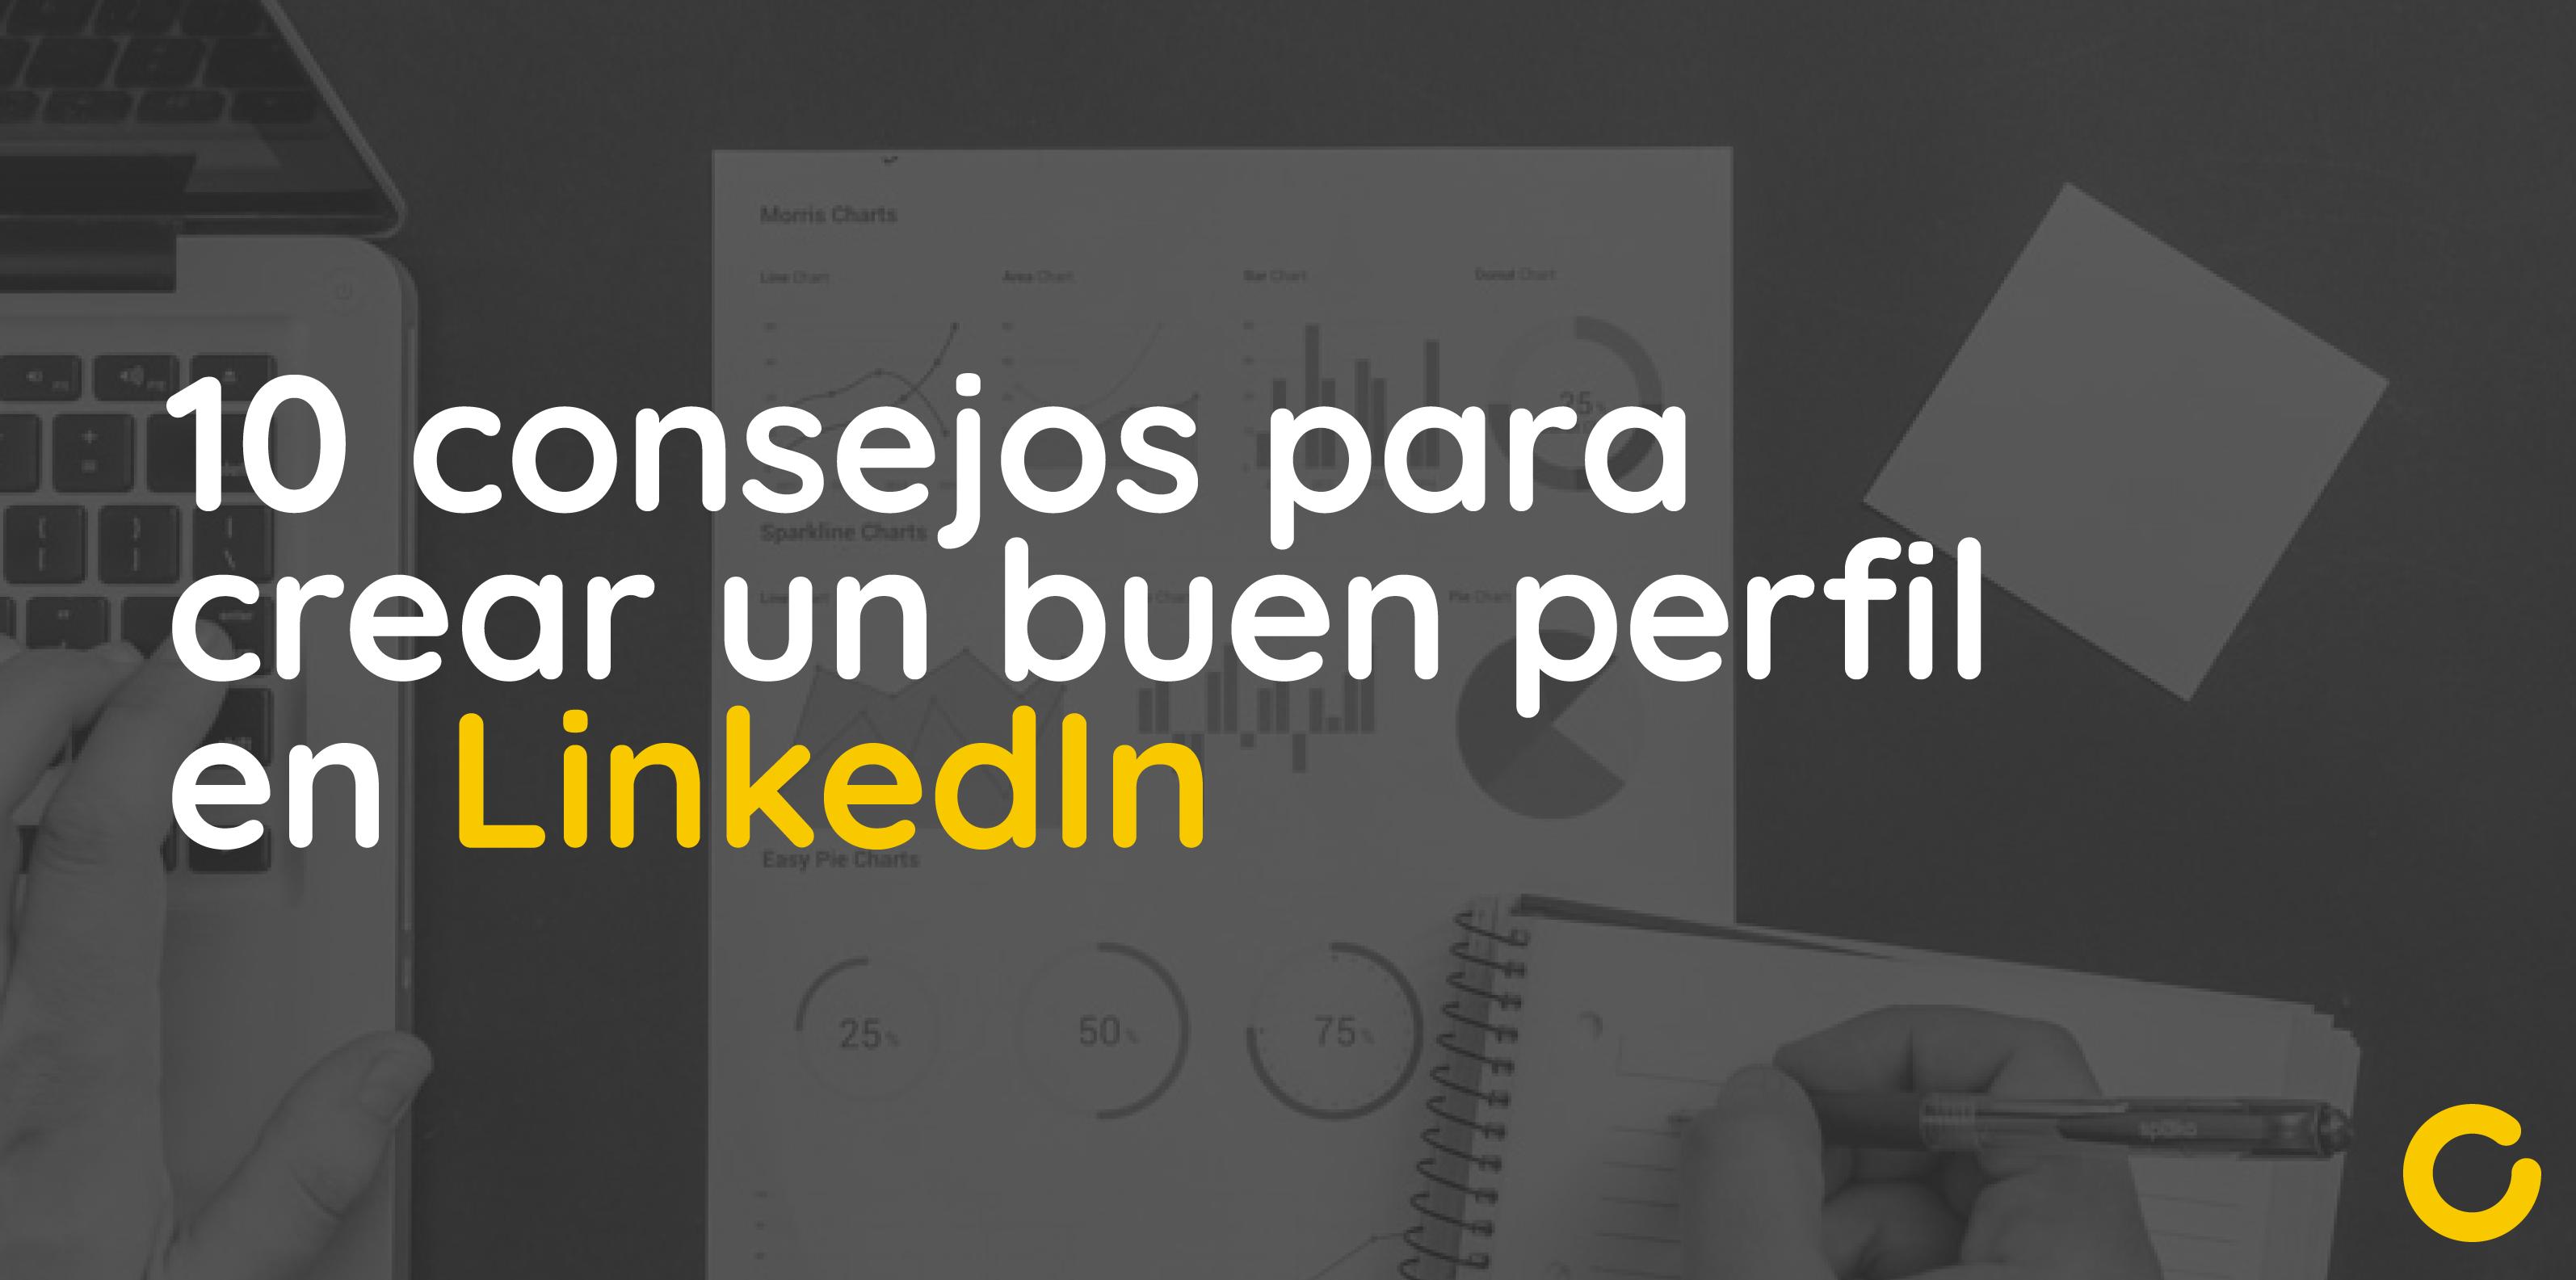 10 consejos para crear un buen perfil en Linkedin-01